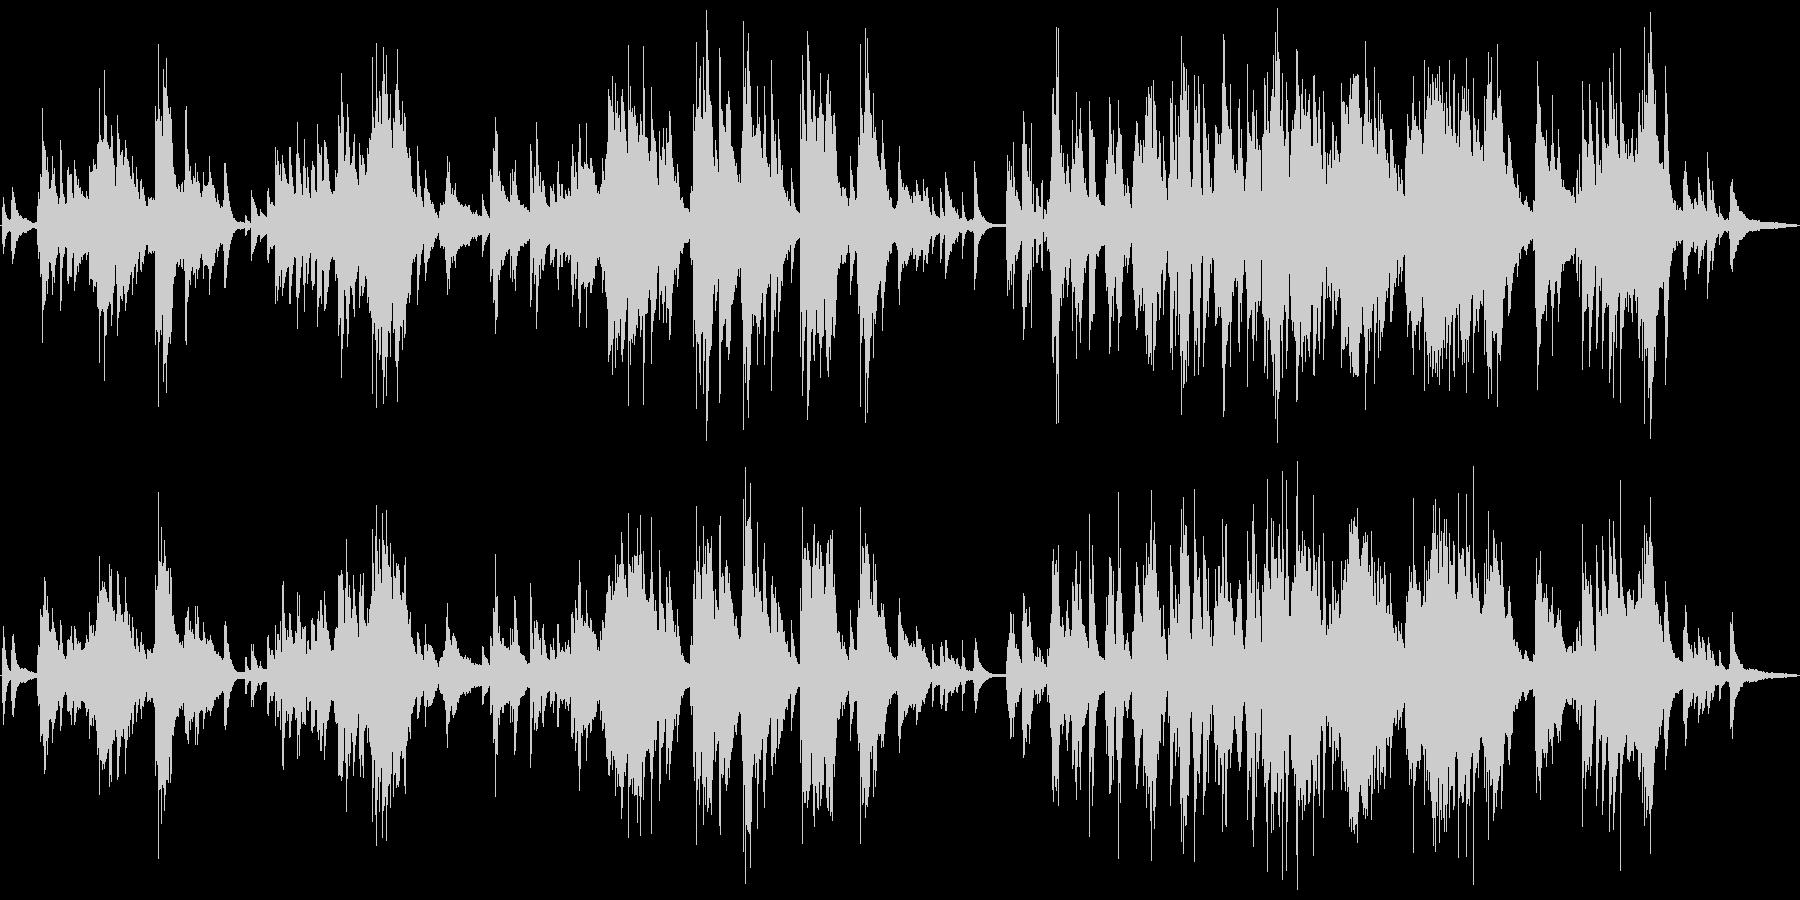 ミステリアな雰囲気のピアノバラードの未再生の波形